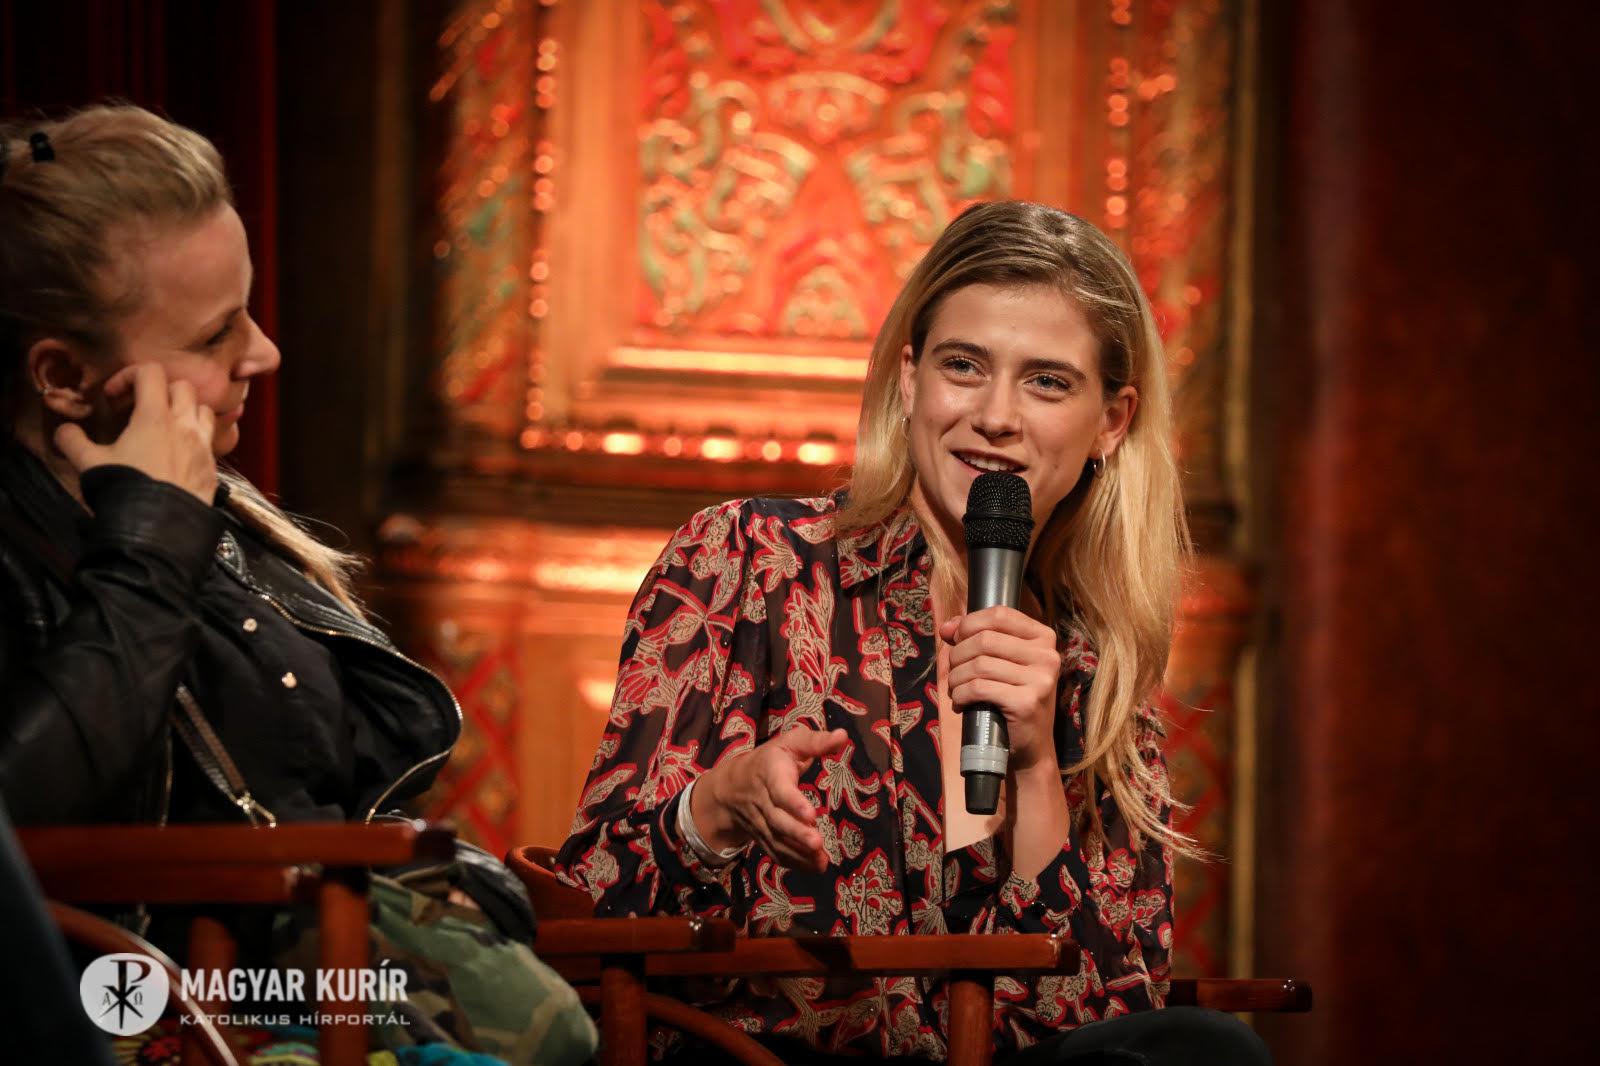 Magdolna budapesti bemutató, közönségtalálkozóval